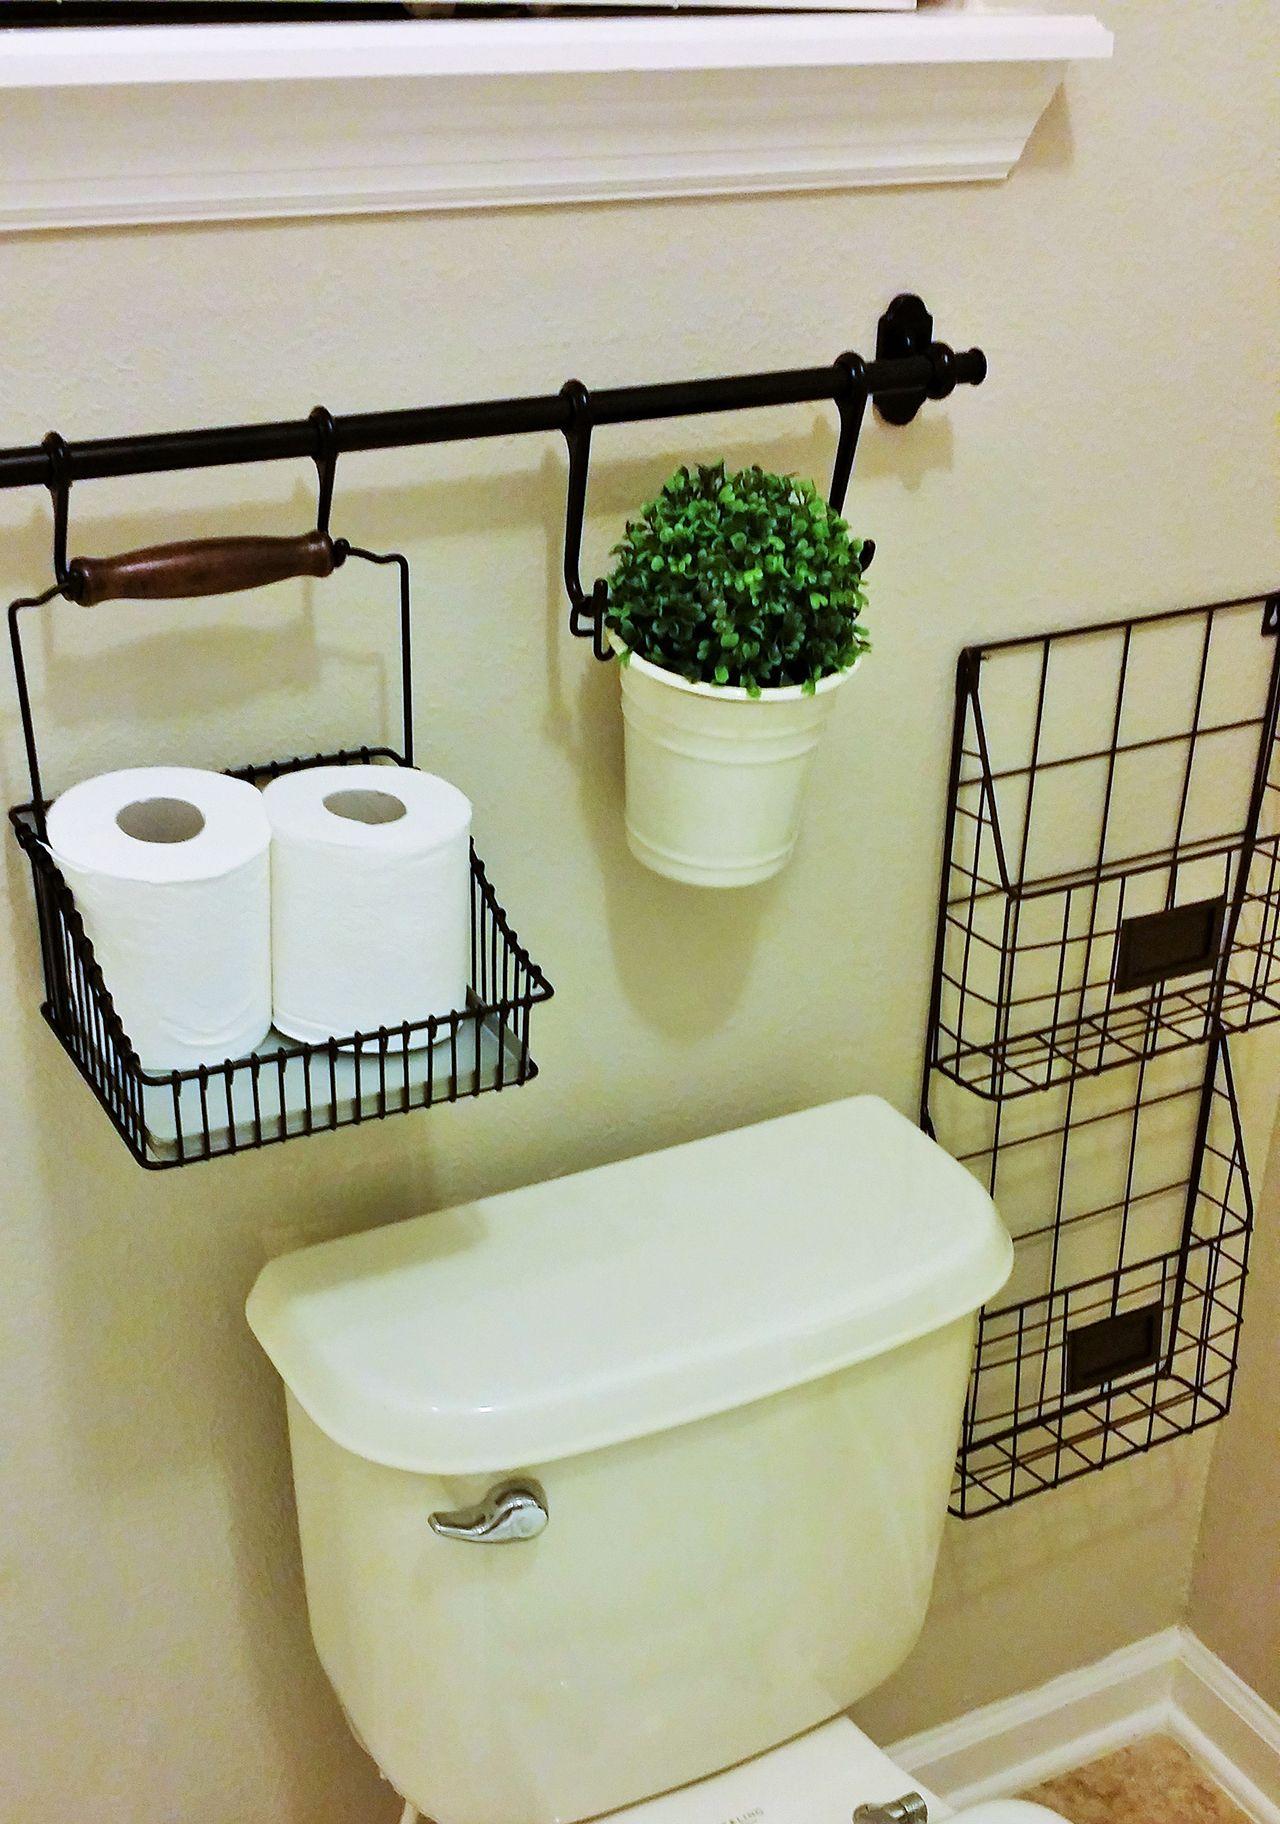 25 Toilettenpapierhalter Ideen, mit denen Sie Ihre Rolle dekorieren können #toiletpaperrolldecor